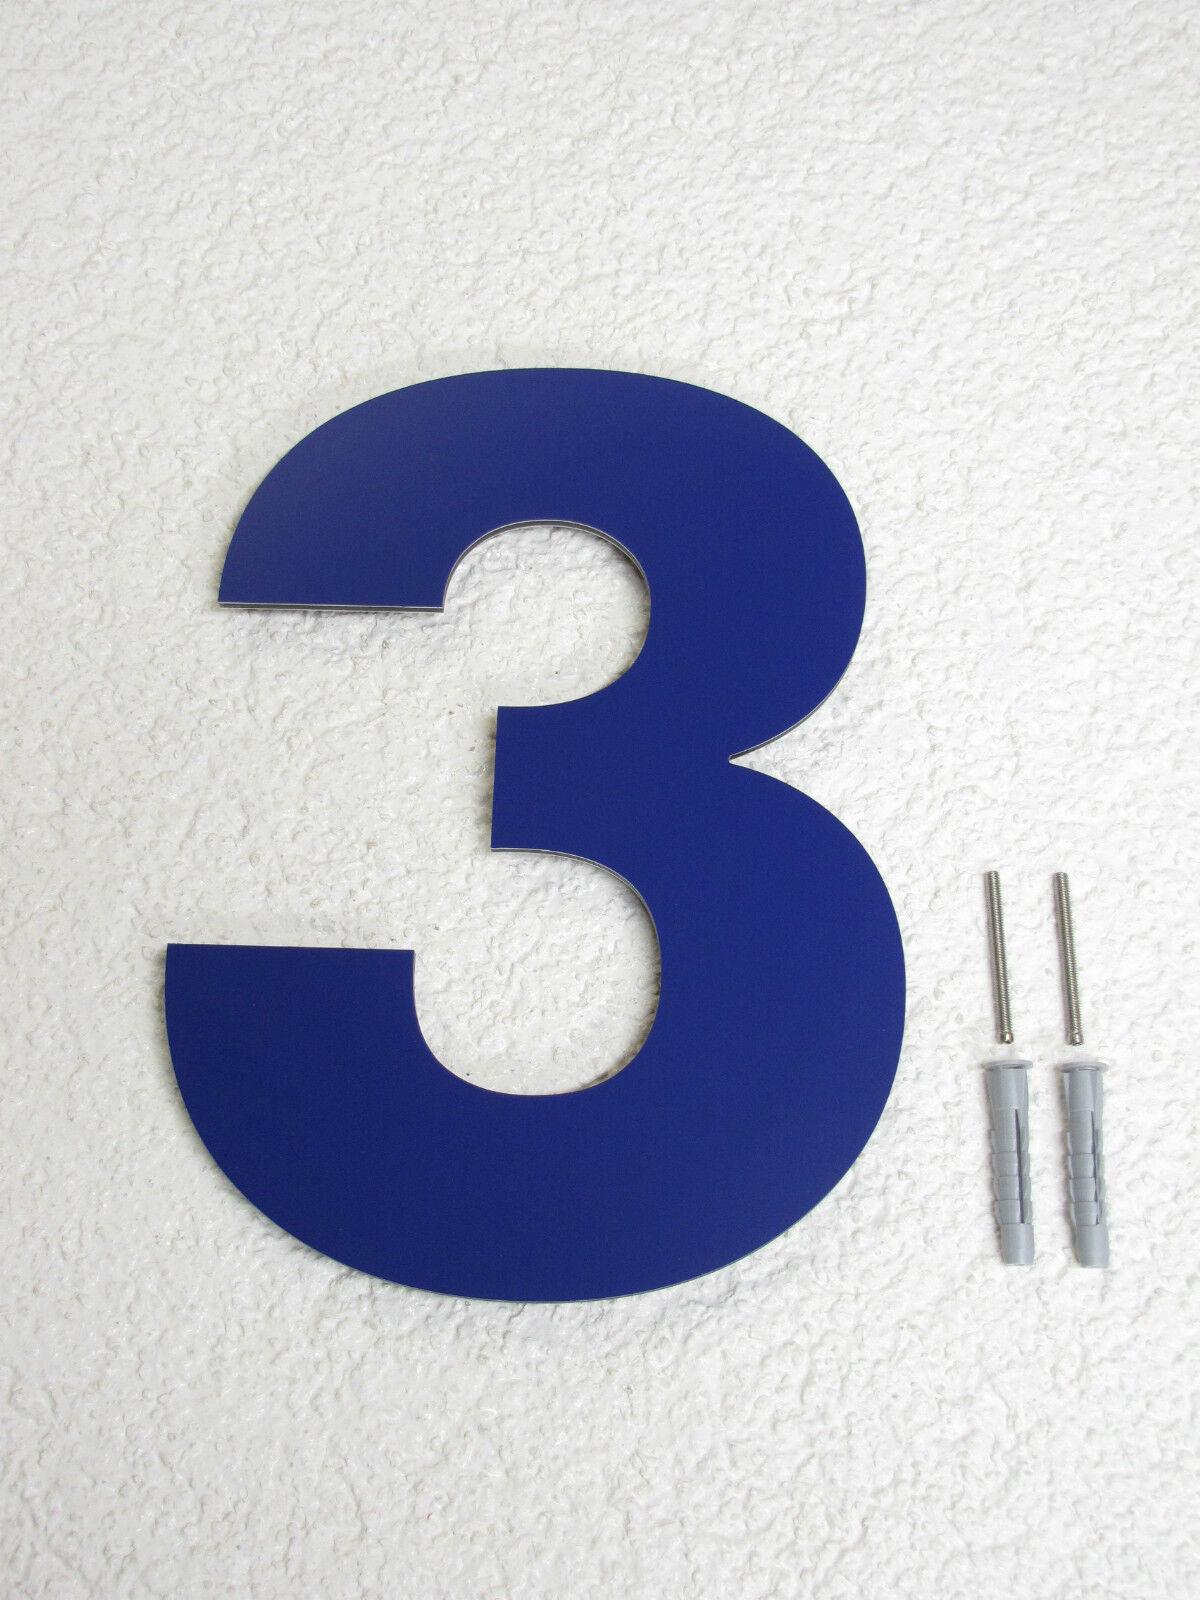 Hausnummer blau RAL 5002 XXL 30 cm 1 2 3 3 3 4 5 6 7 8 9 0 a b c d e f g h | Guter weltweiter Ruf  | Verschiedene  | Gutes Design  d2f693